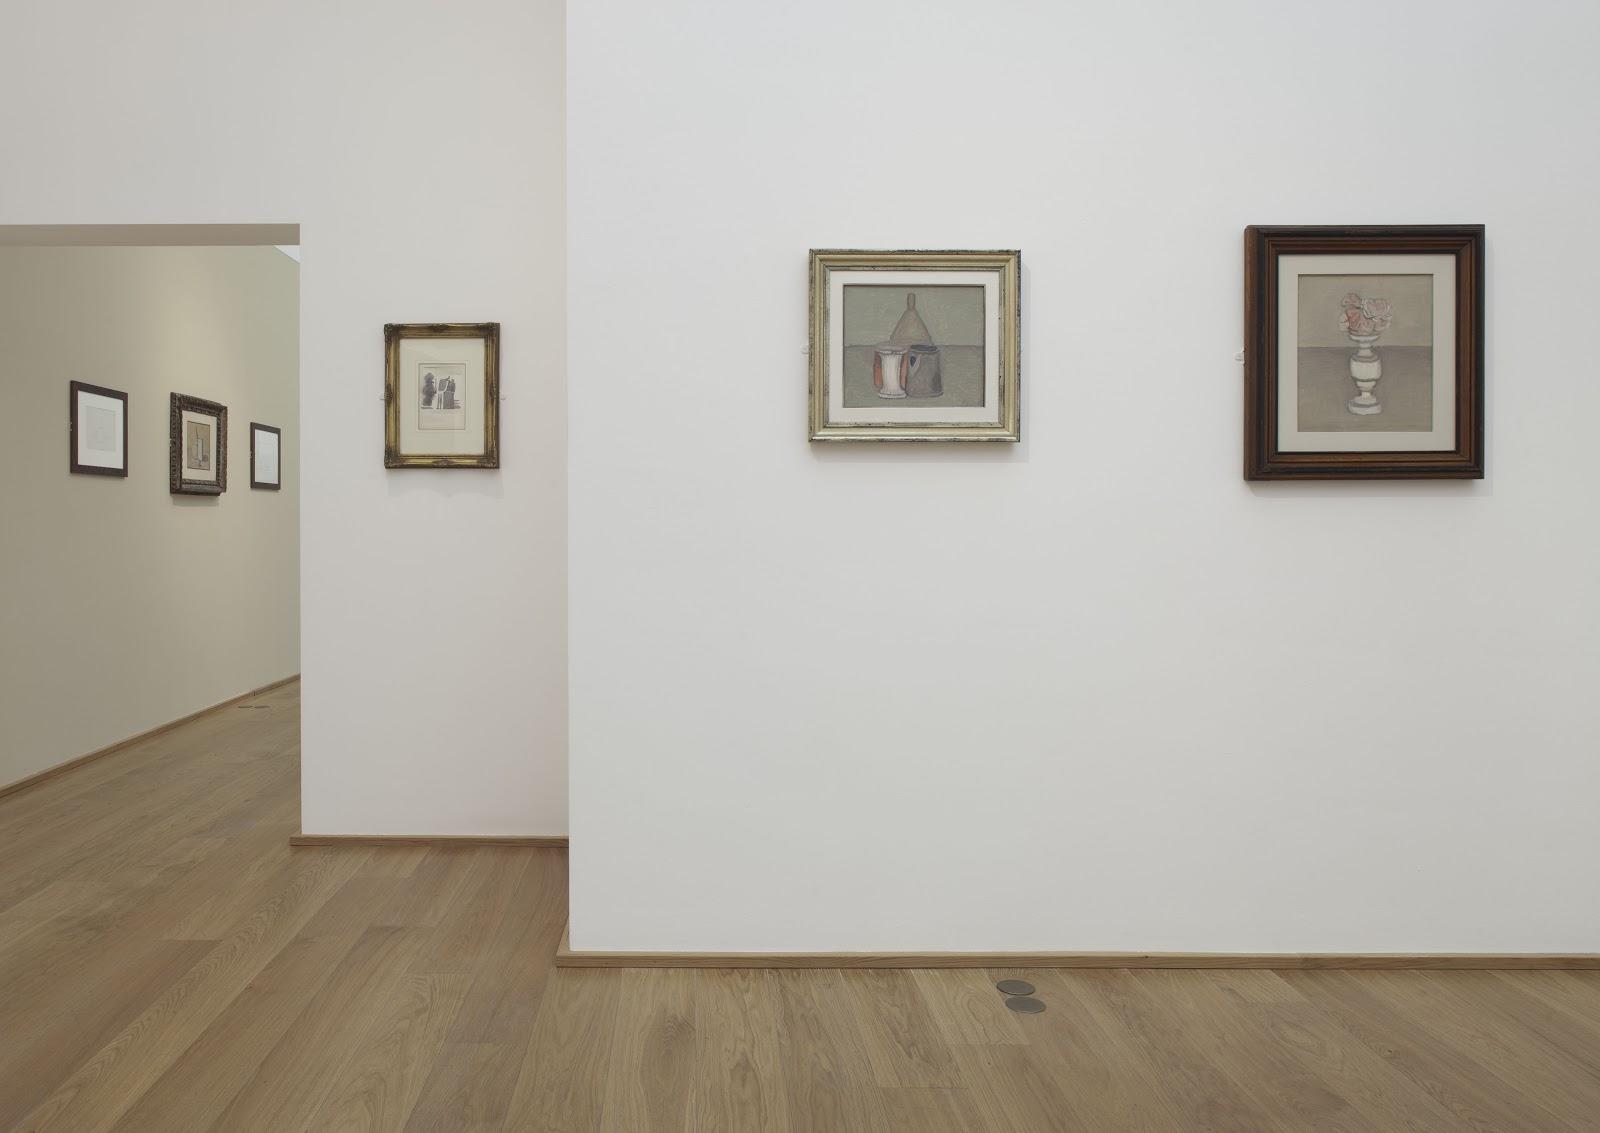 Fogli d 39 arte issn 1974 4455 una nuova casa per giorgio - Pintura casa moderna ...